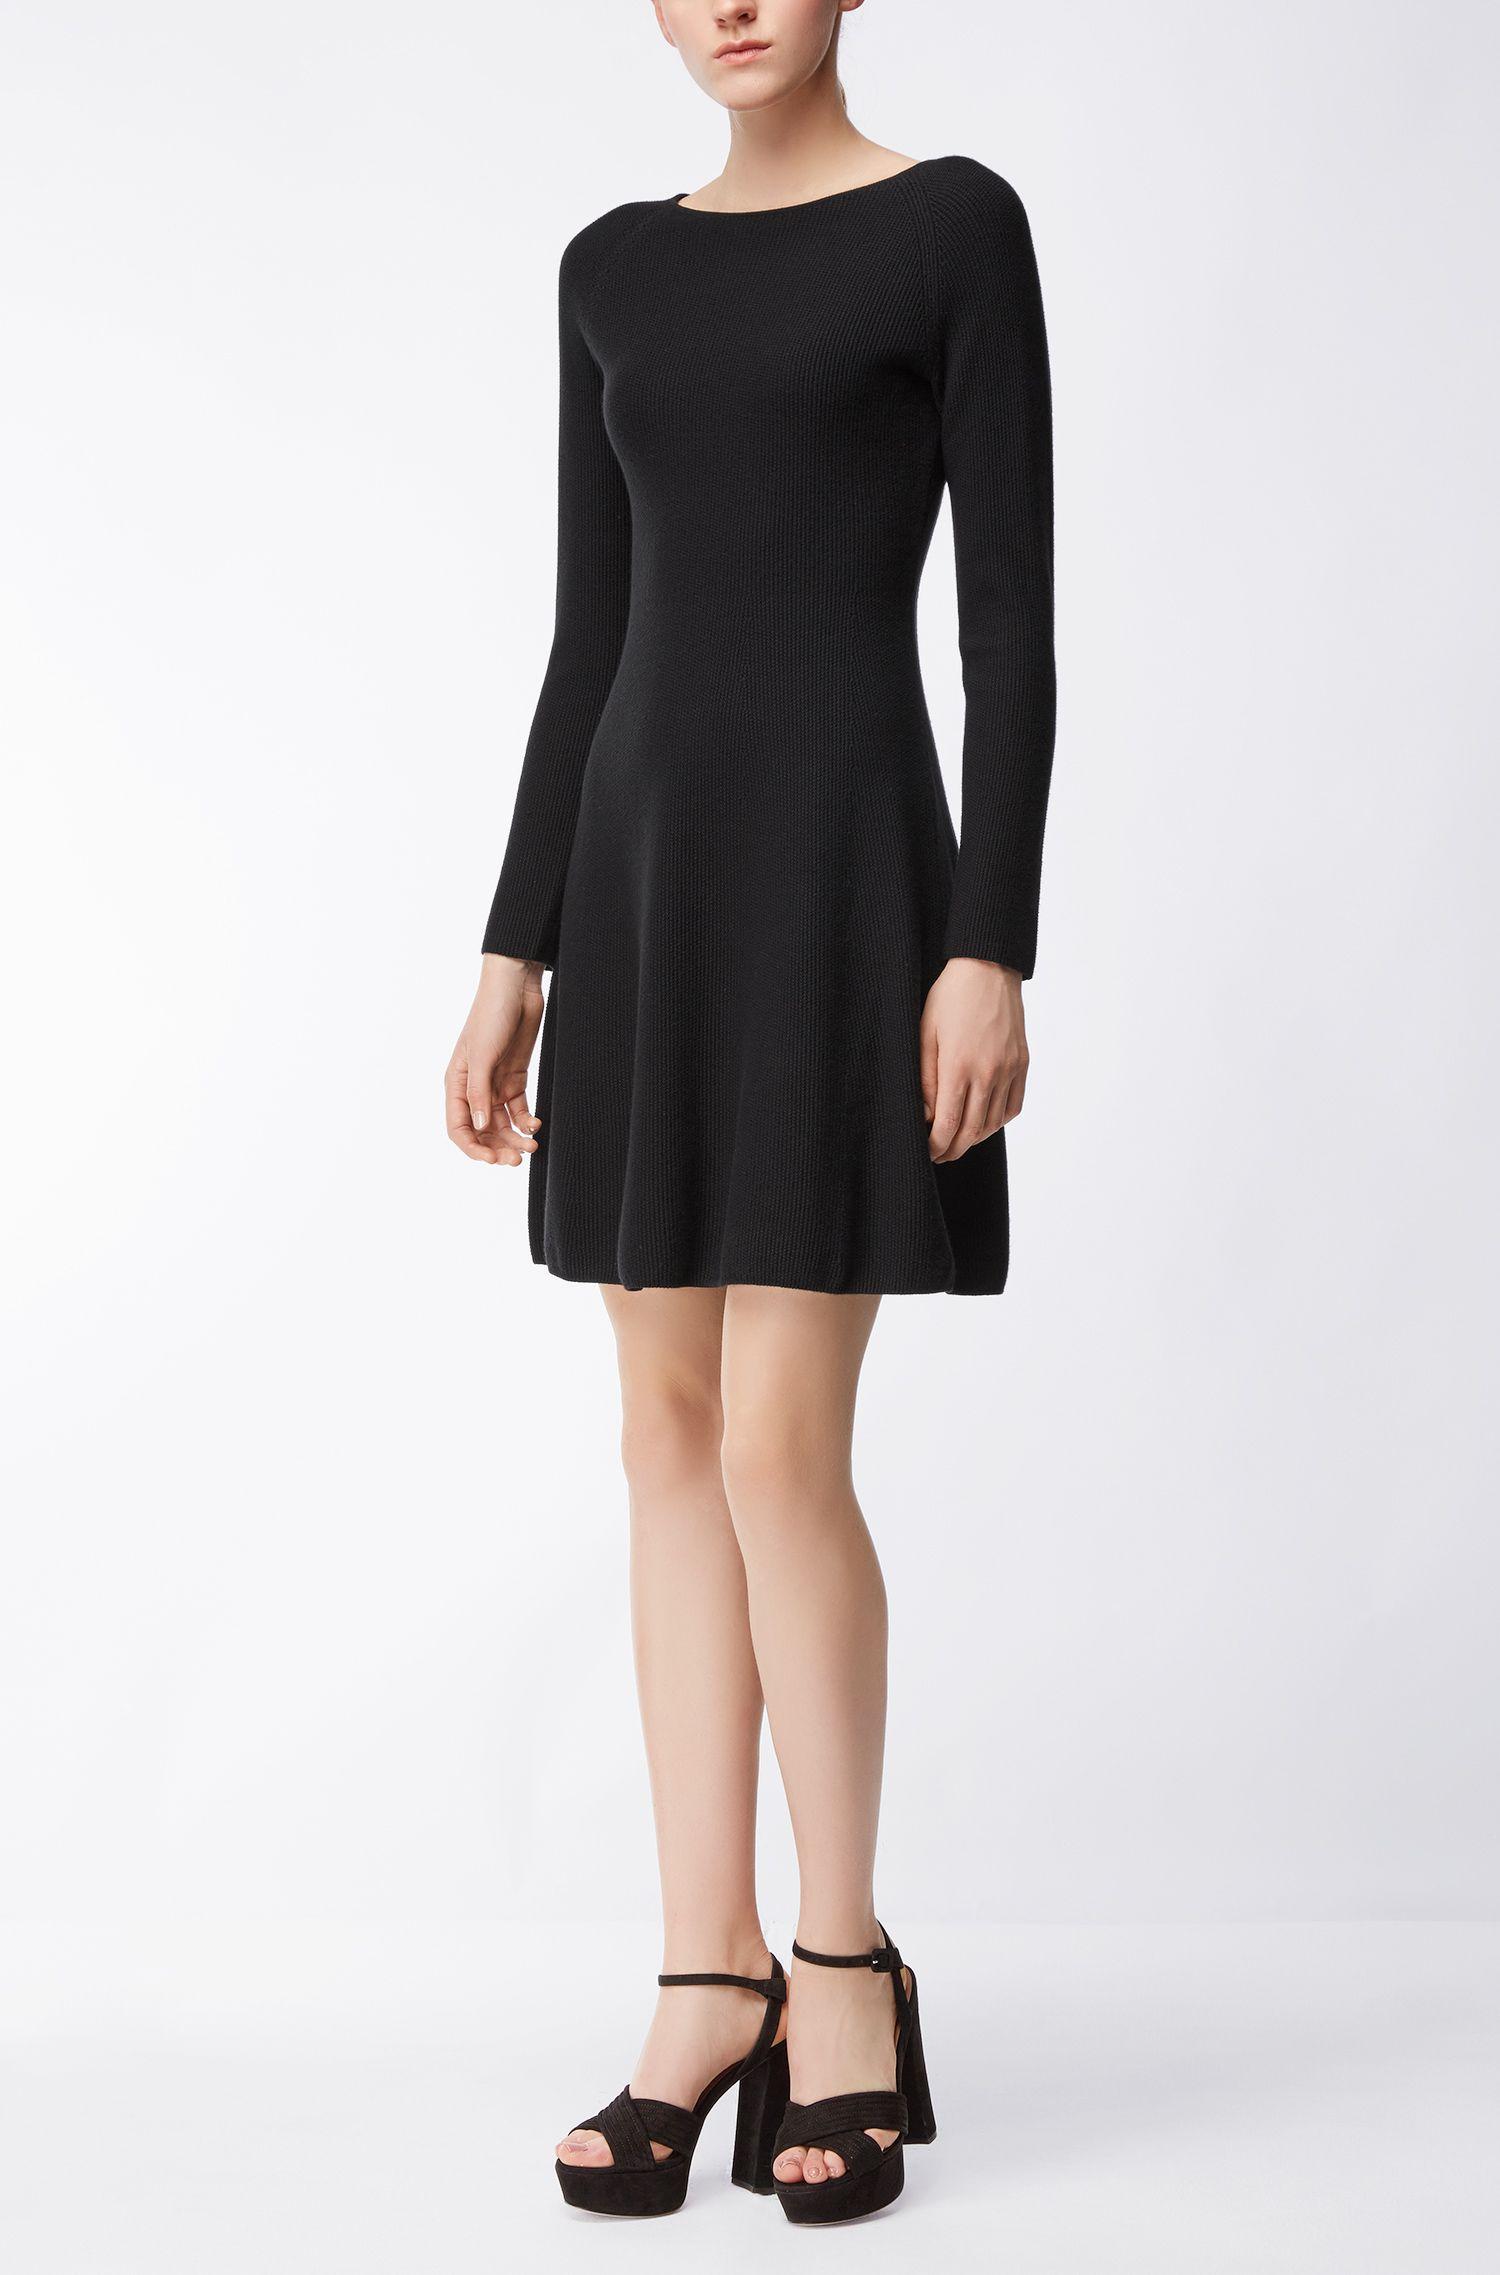 Kleid aus elastischem Baumwoll-Mix mit Kaschmir mit langen Ärmeln